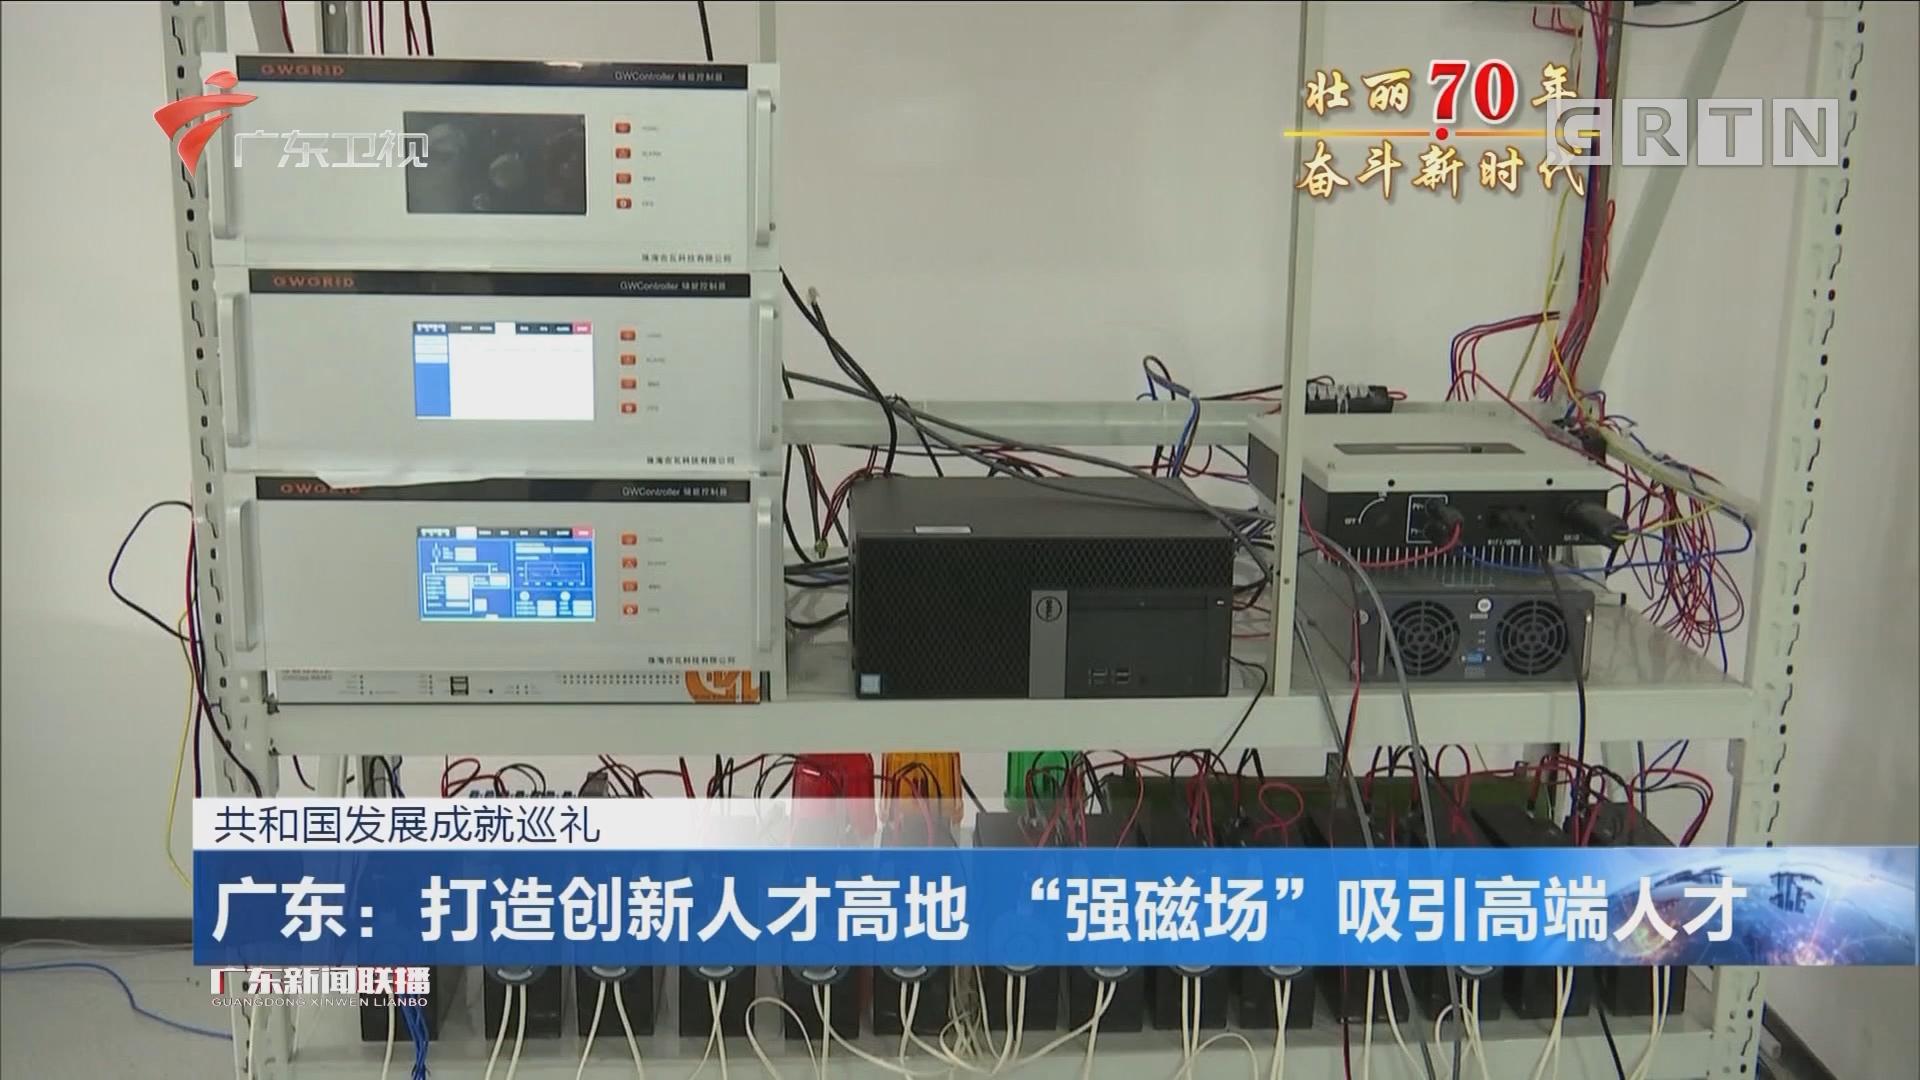 """广东:打造创新人才高地 """"强磁场""""吸引高端人才"""